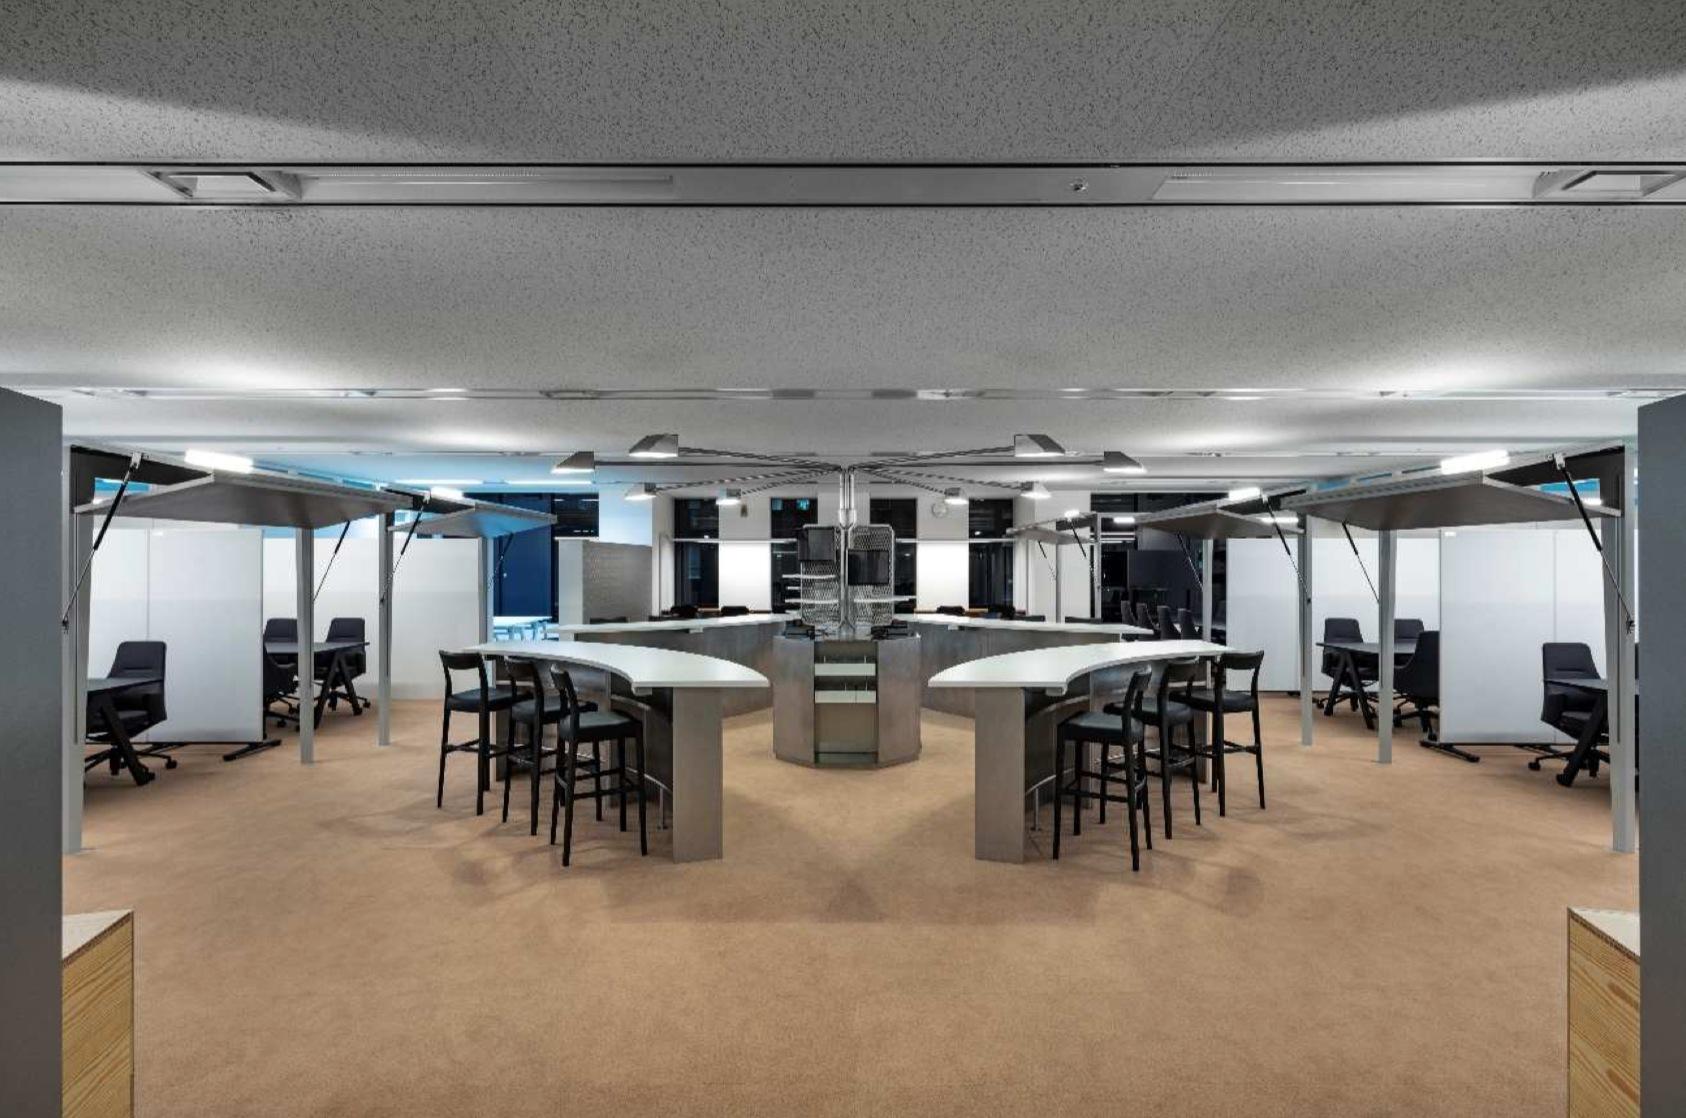 NTTコムウェア | アジャイル手法による協創型イノベーションをビジネスの柱をするための新拠点開設